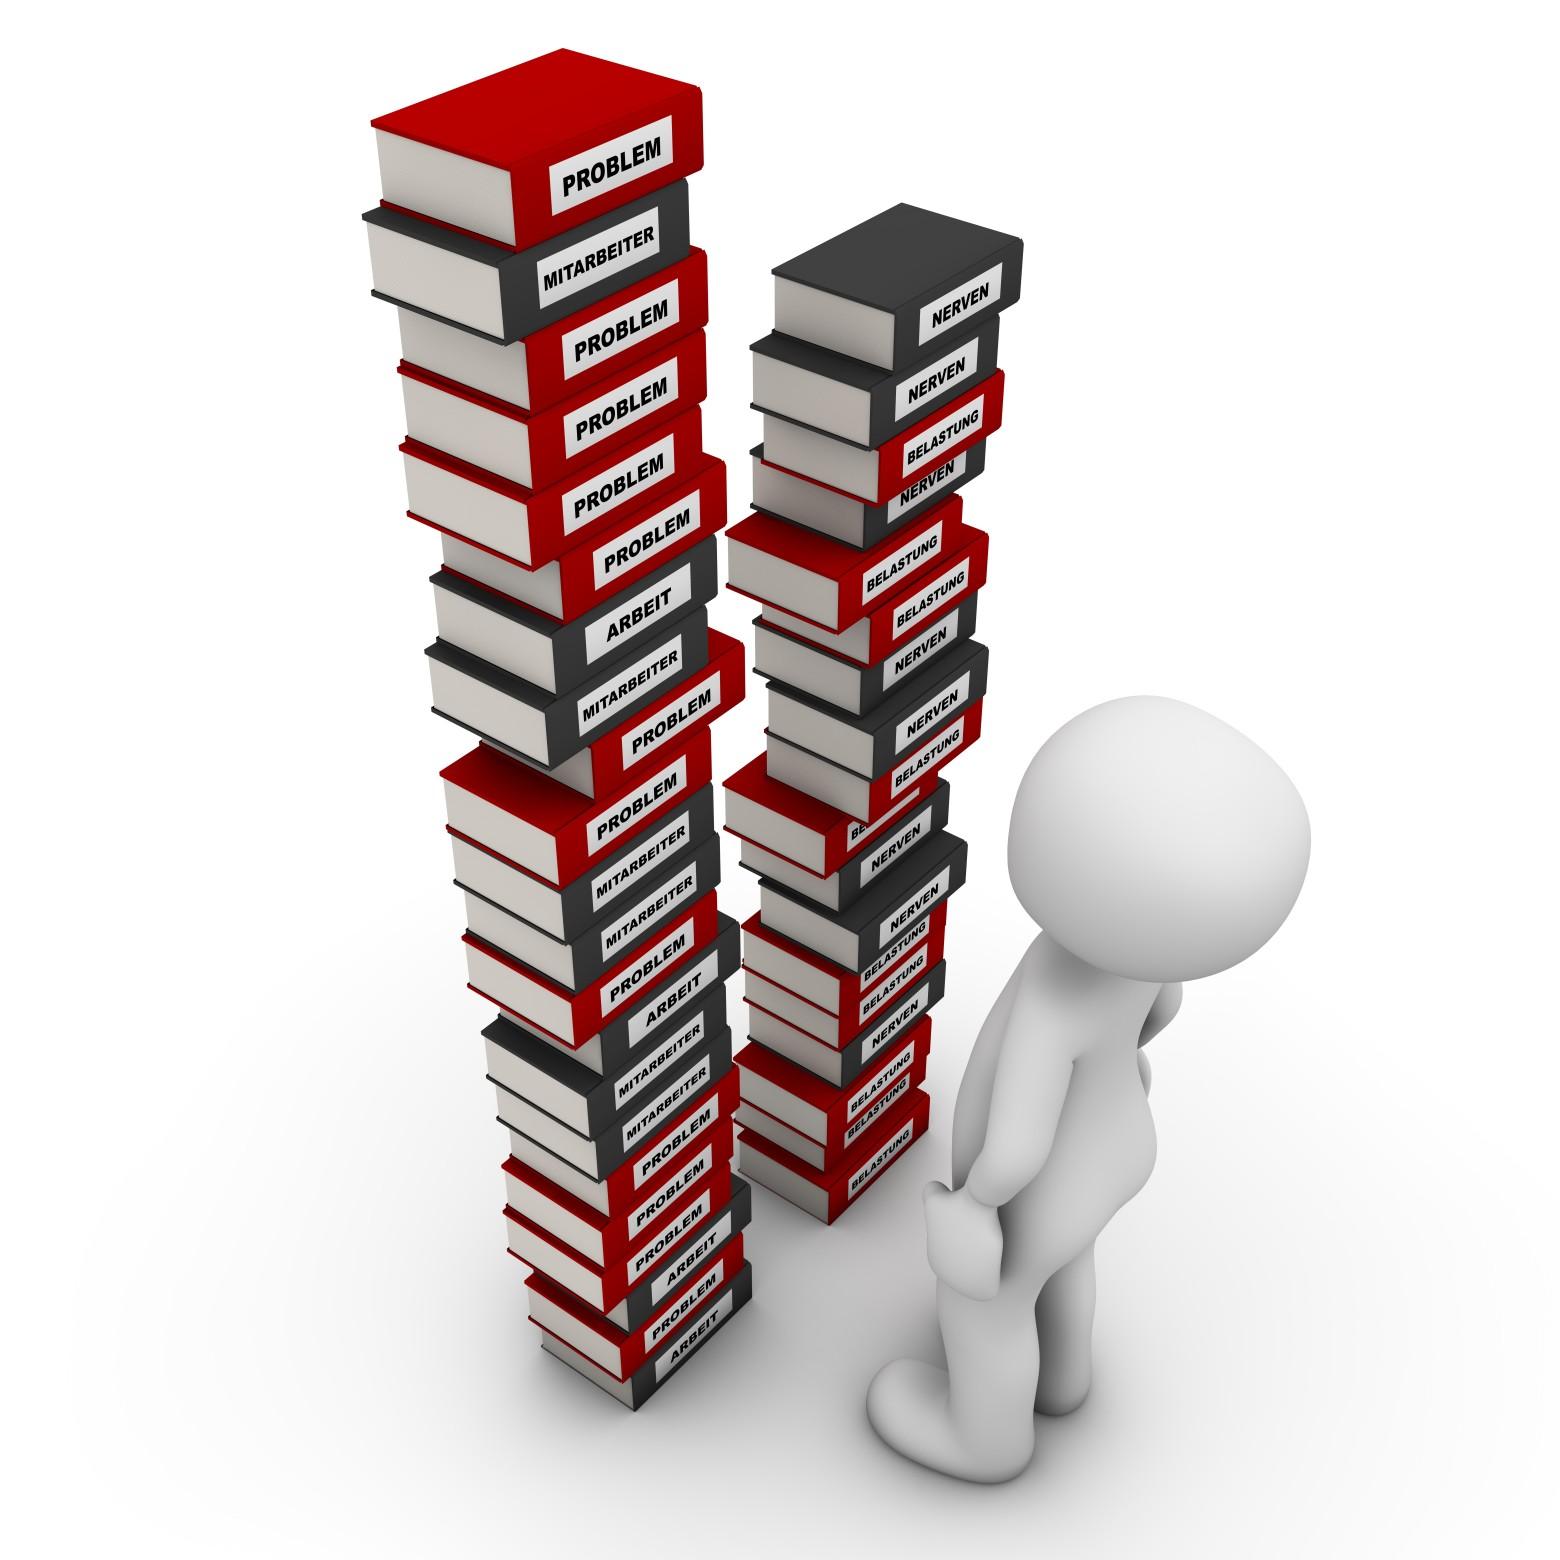 Top bonhomme blanc livres images gratuites | images gratuites et  AI23